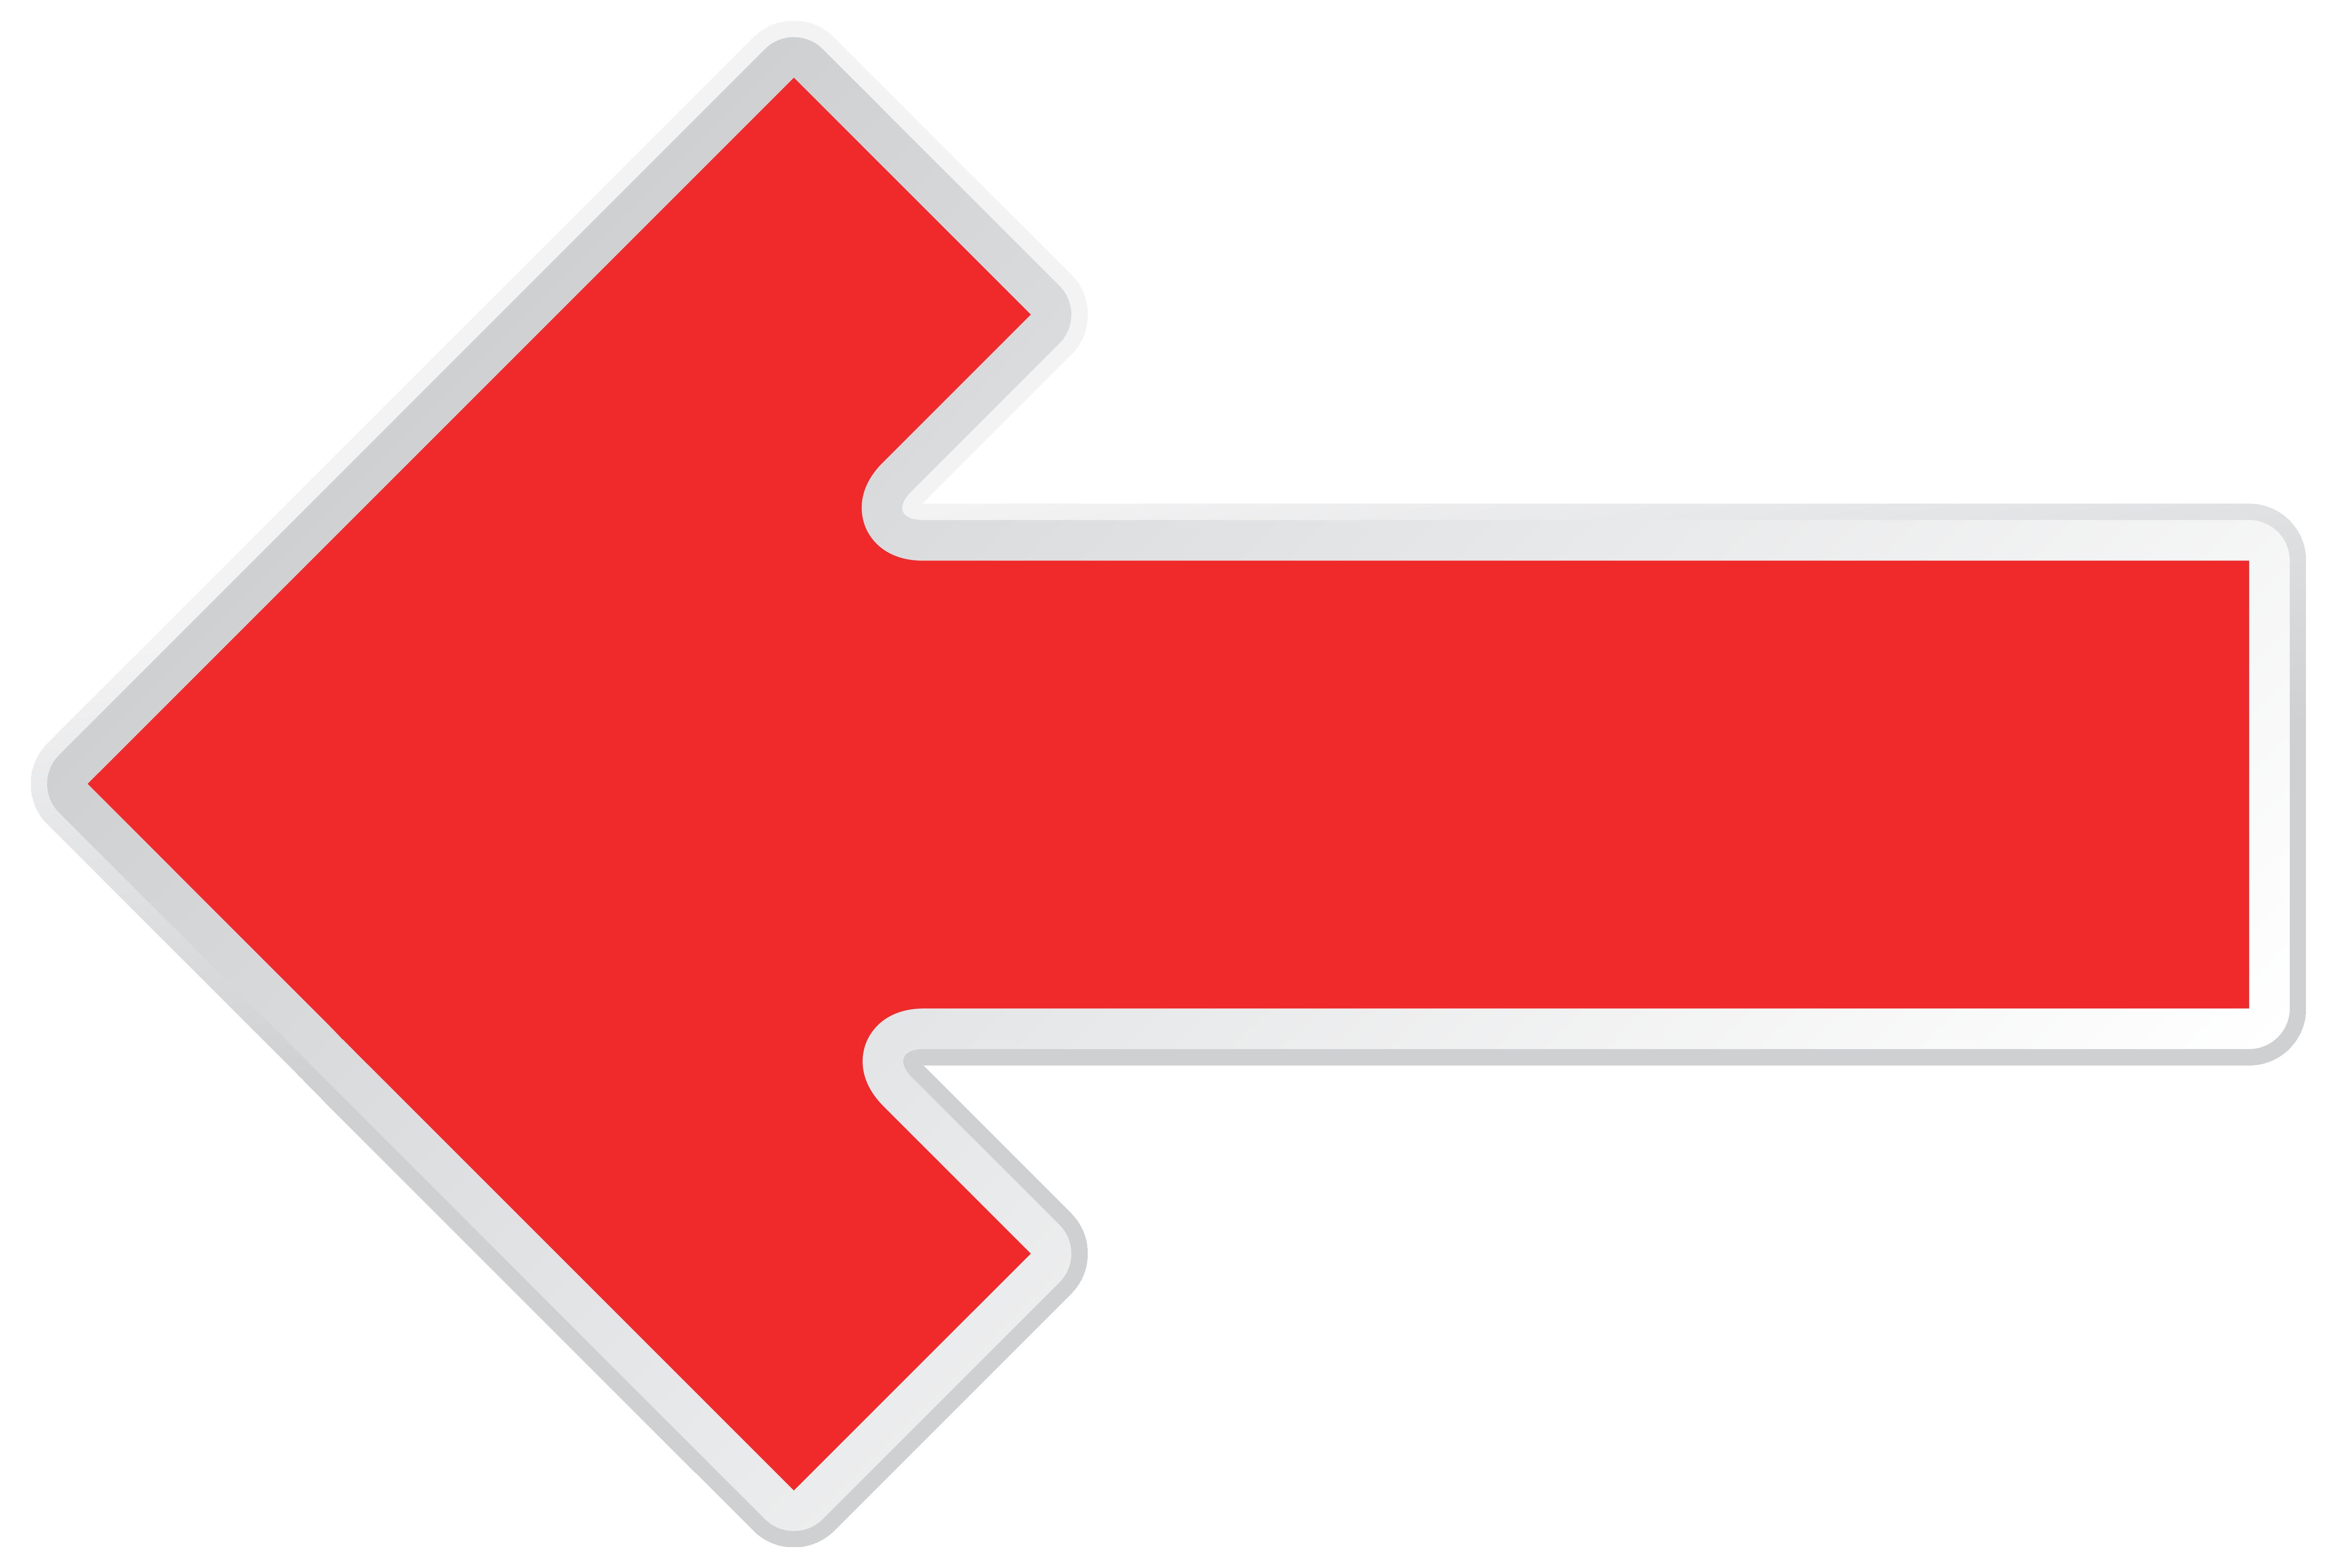 Arrow red left transparent. Clipart arrows weapon